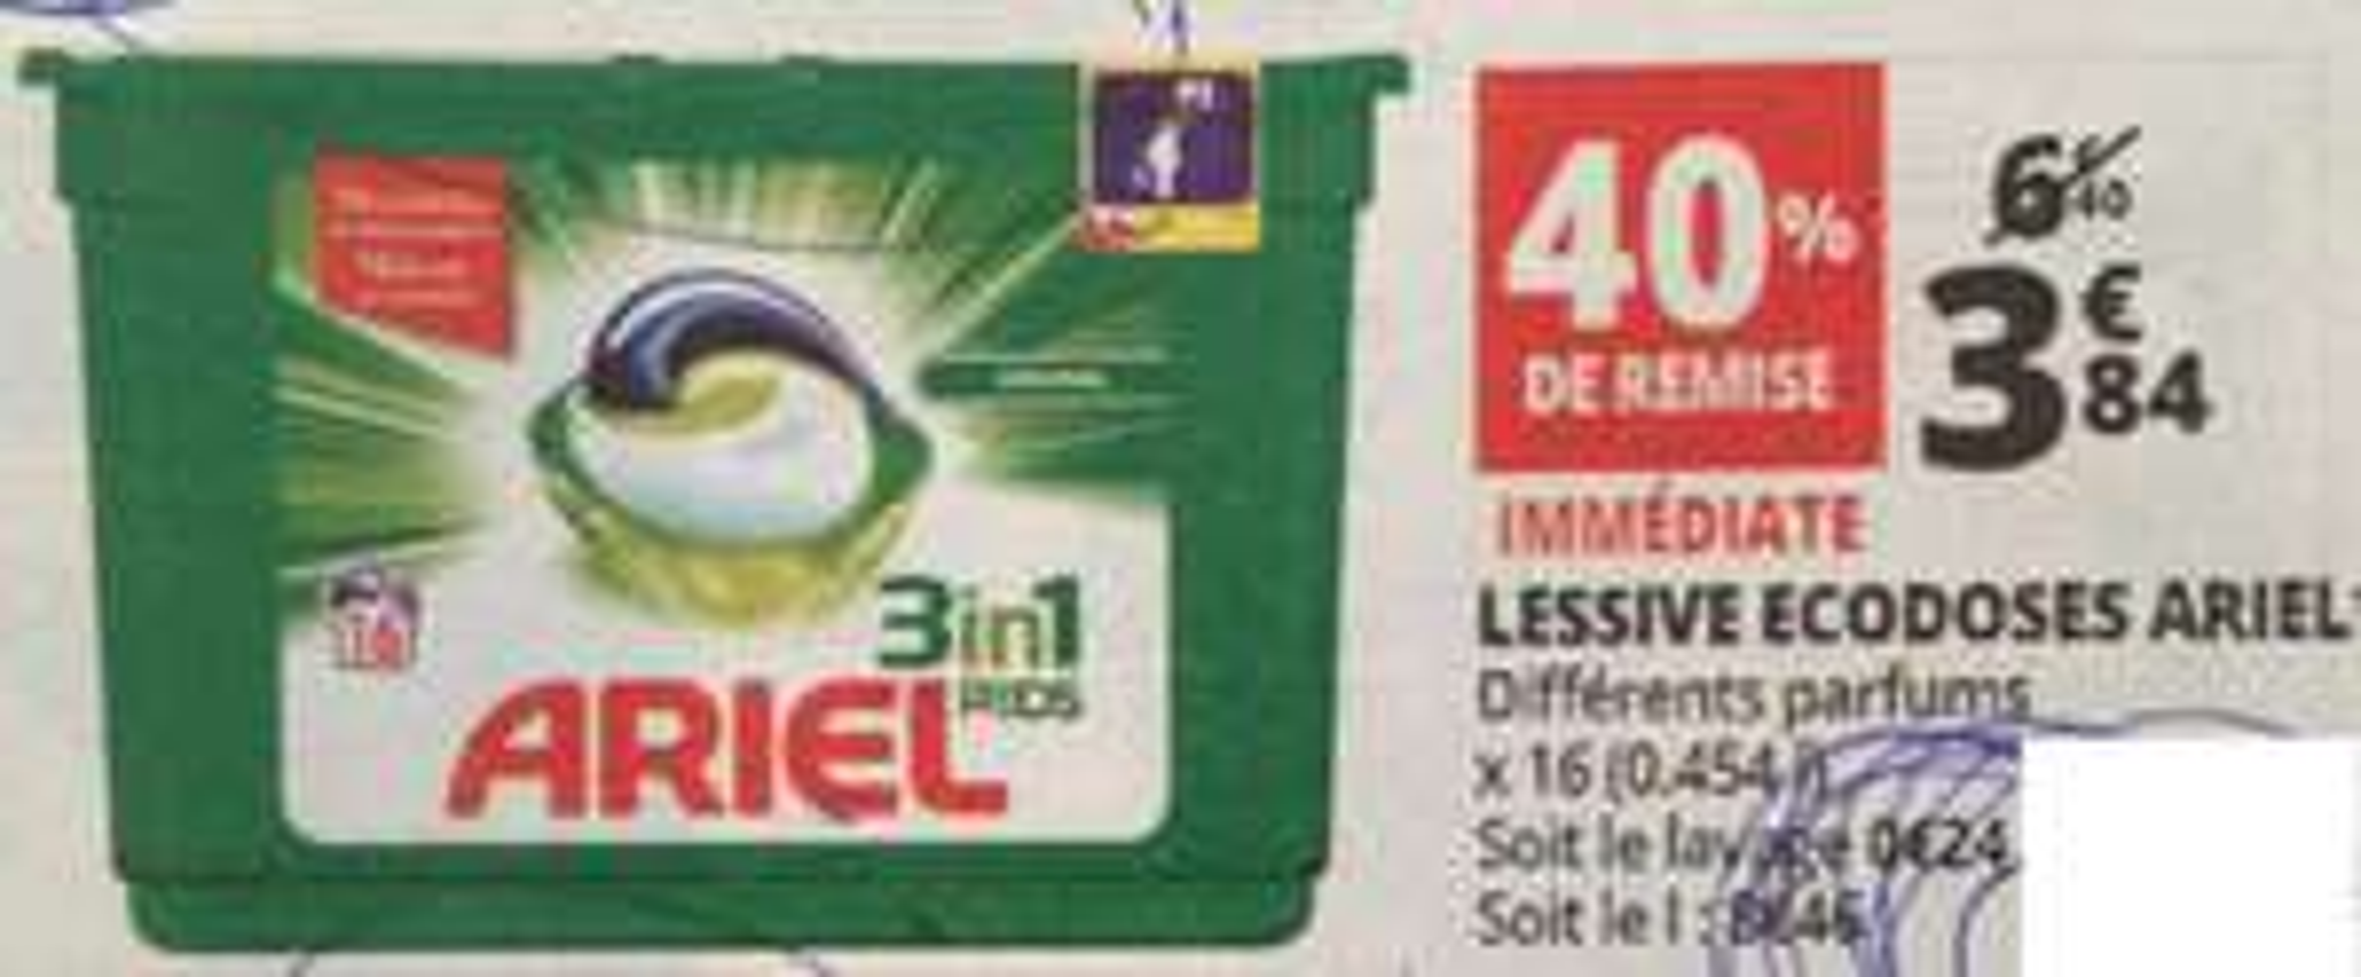 Sélection d'articles en promotion - Ex : Pack de lessive 16 ecodoses Ariel 3en1 Pods (via BDR)